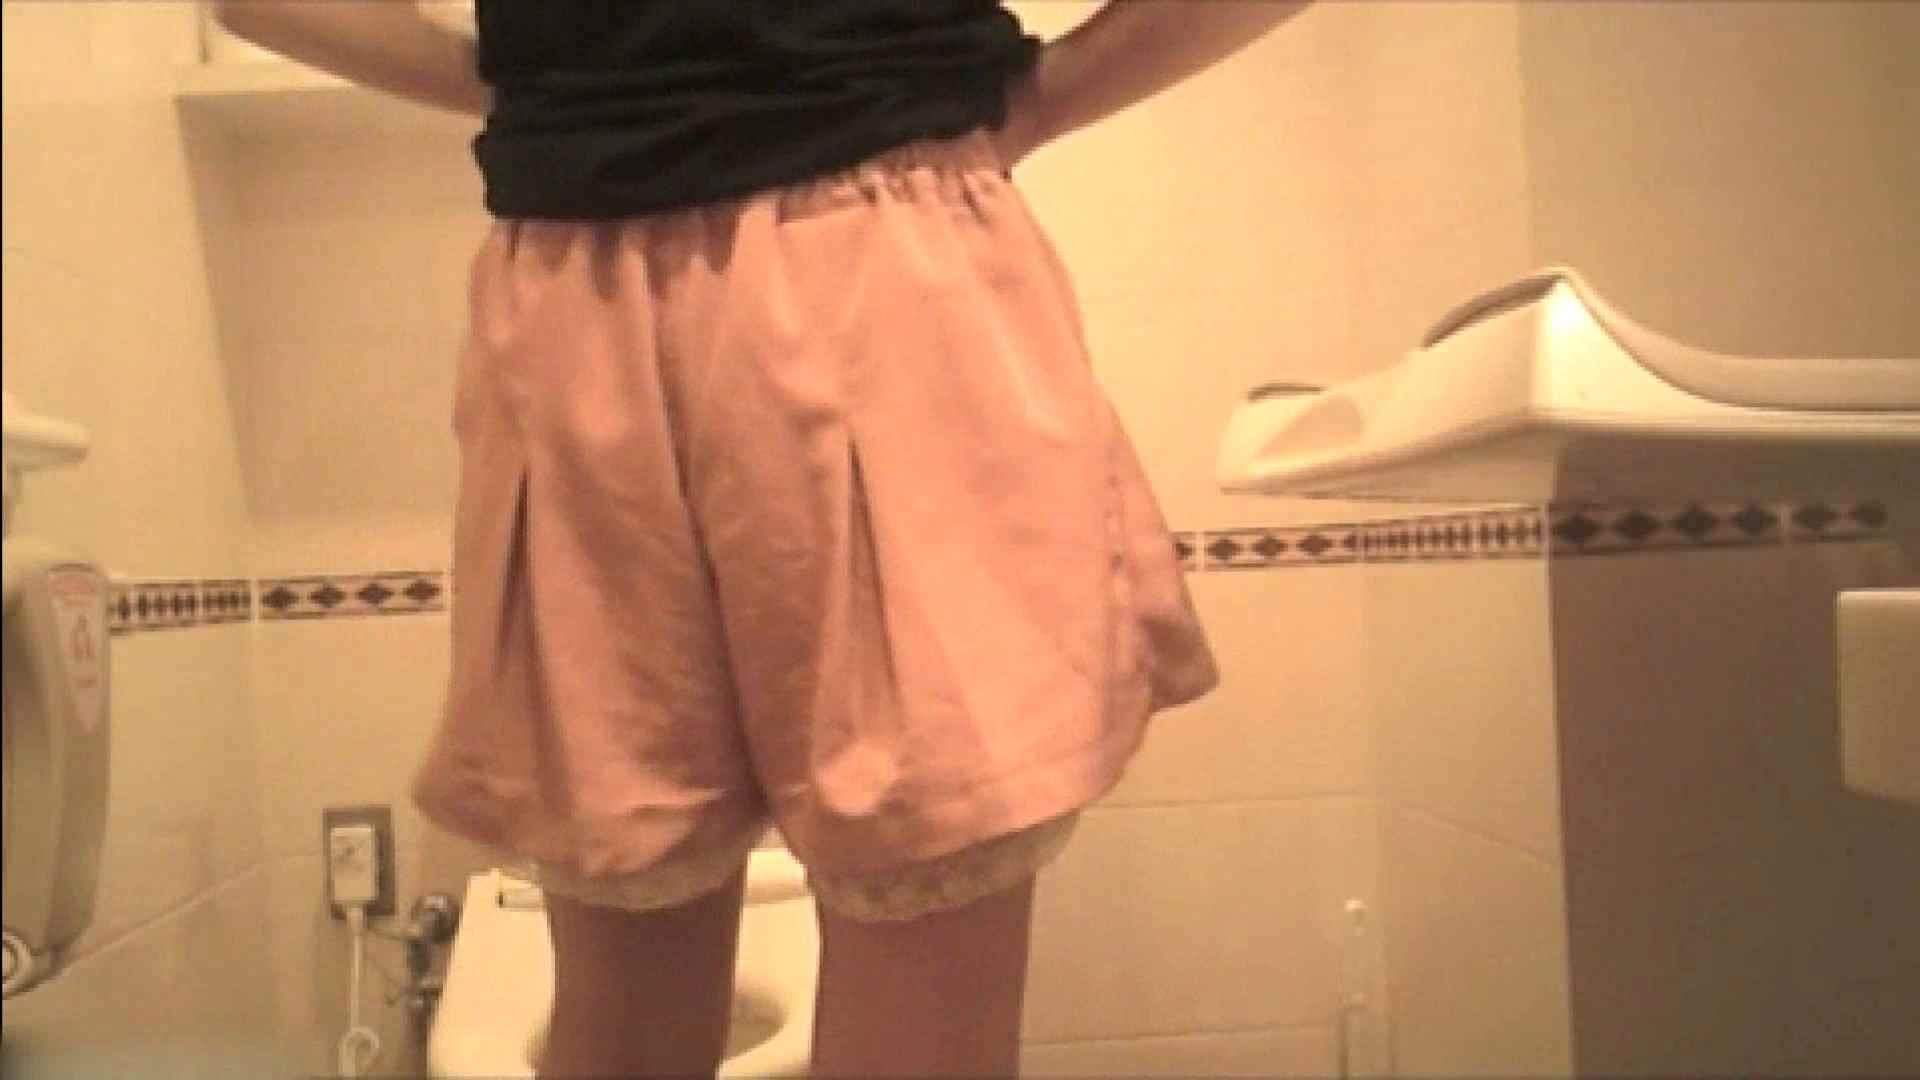 実録!!綺麗なお姉さんのトイレ事情・・・。vol.19 OLの実態 | パンツ大放出  33pic 21